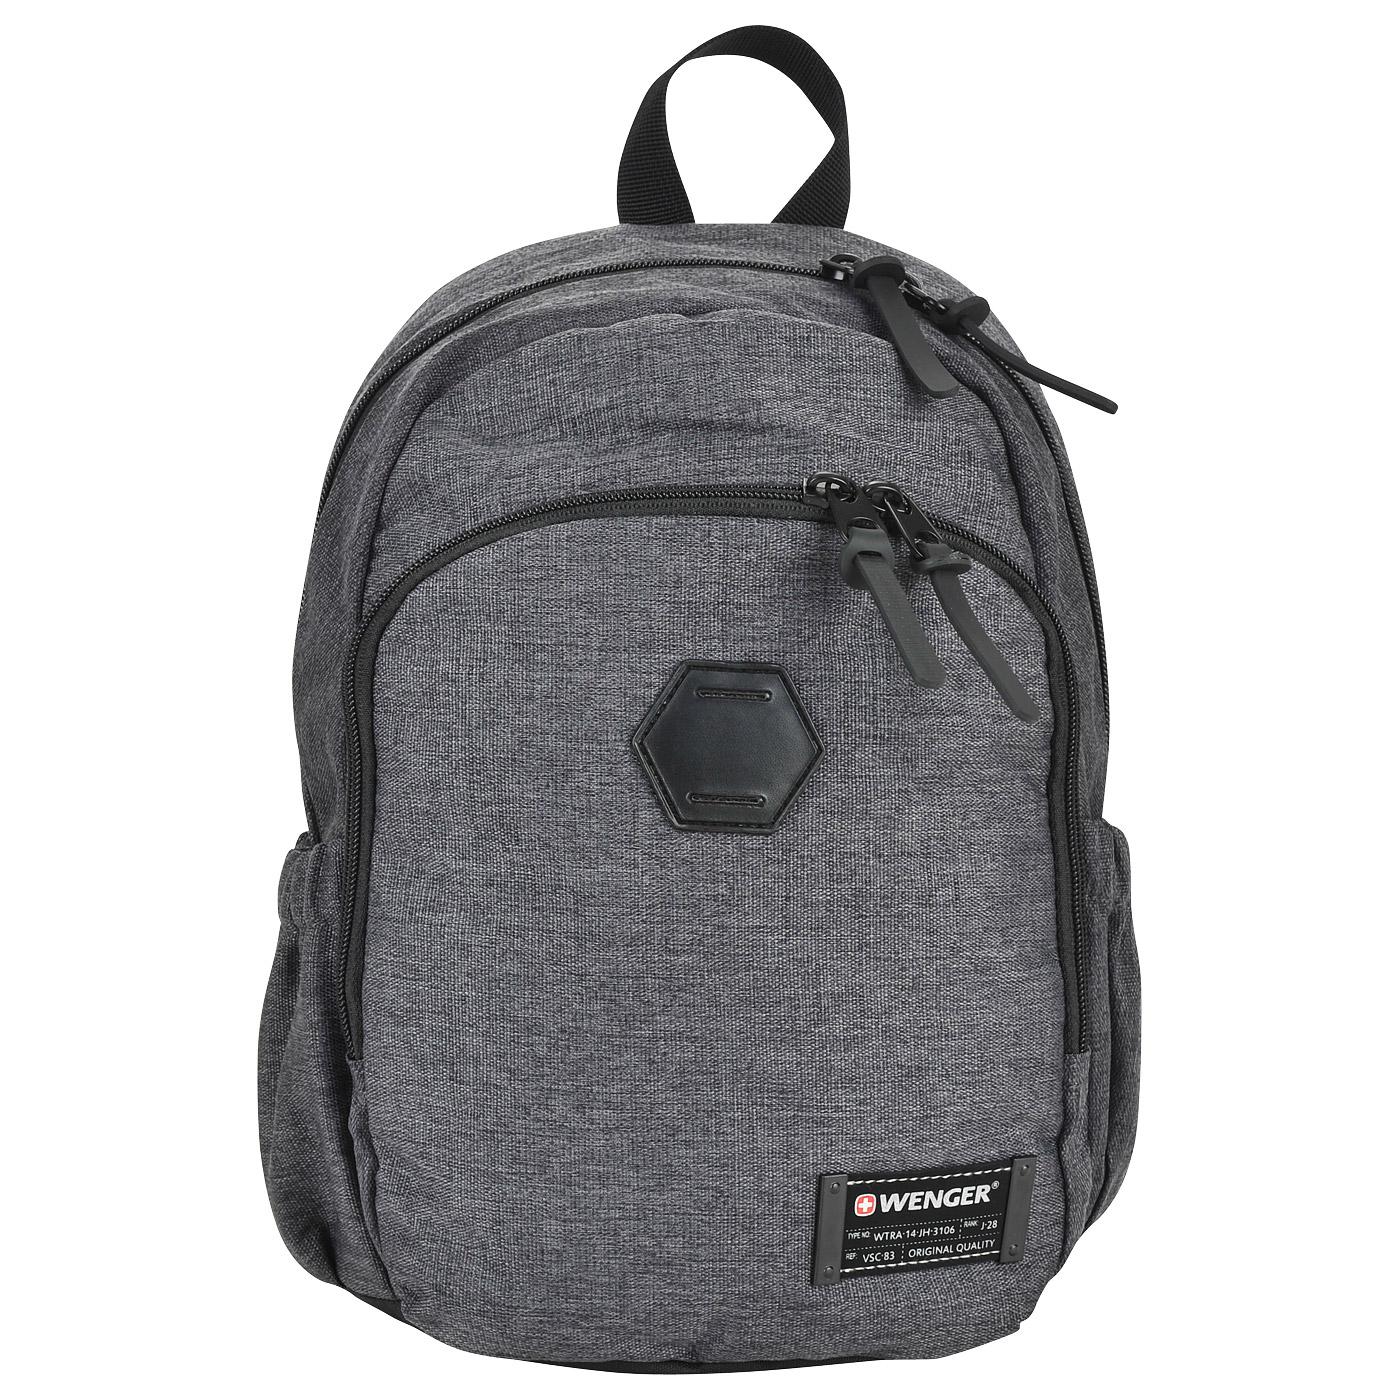 Тканевый рюкзак Wenger 2608424521 - 2000557756083 серый полиэстер 25 ... 622e863011b